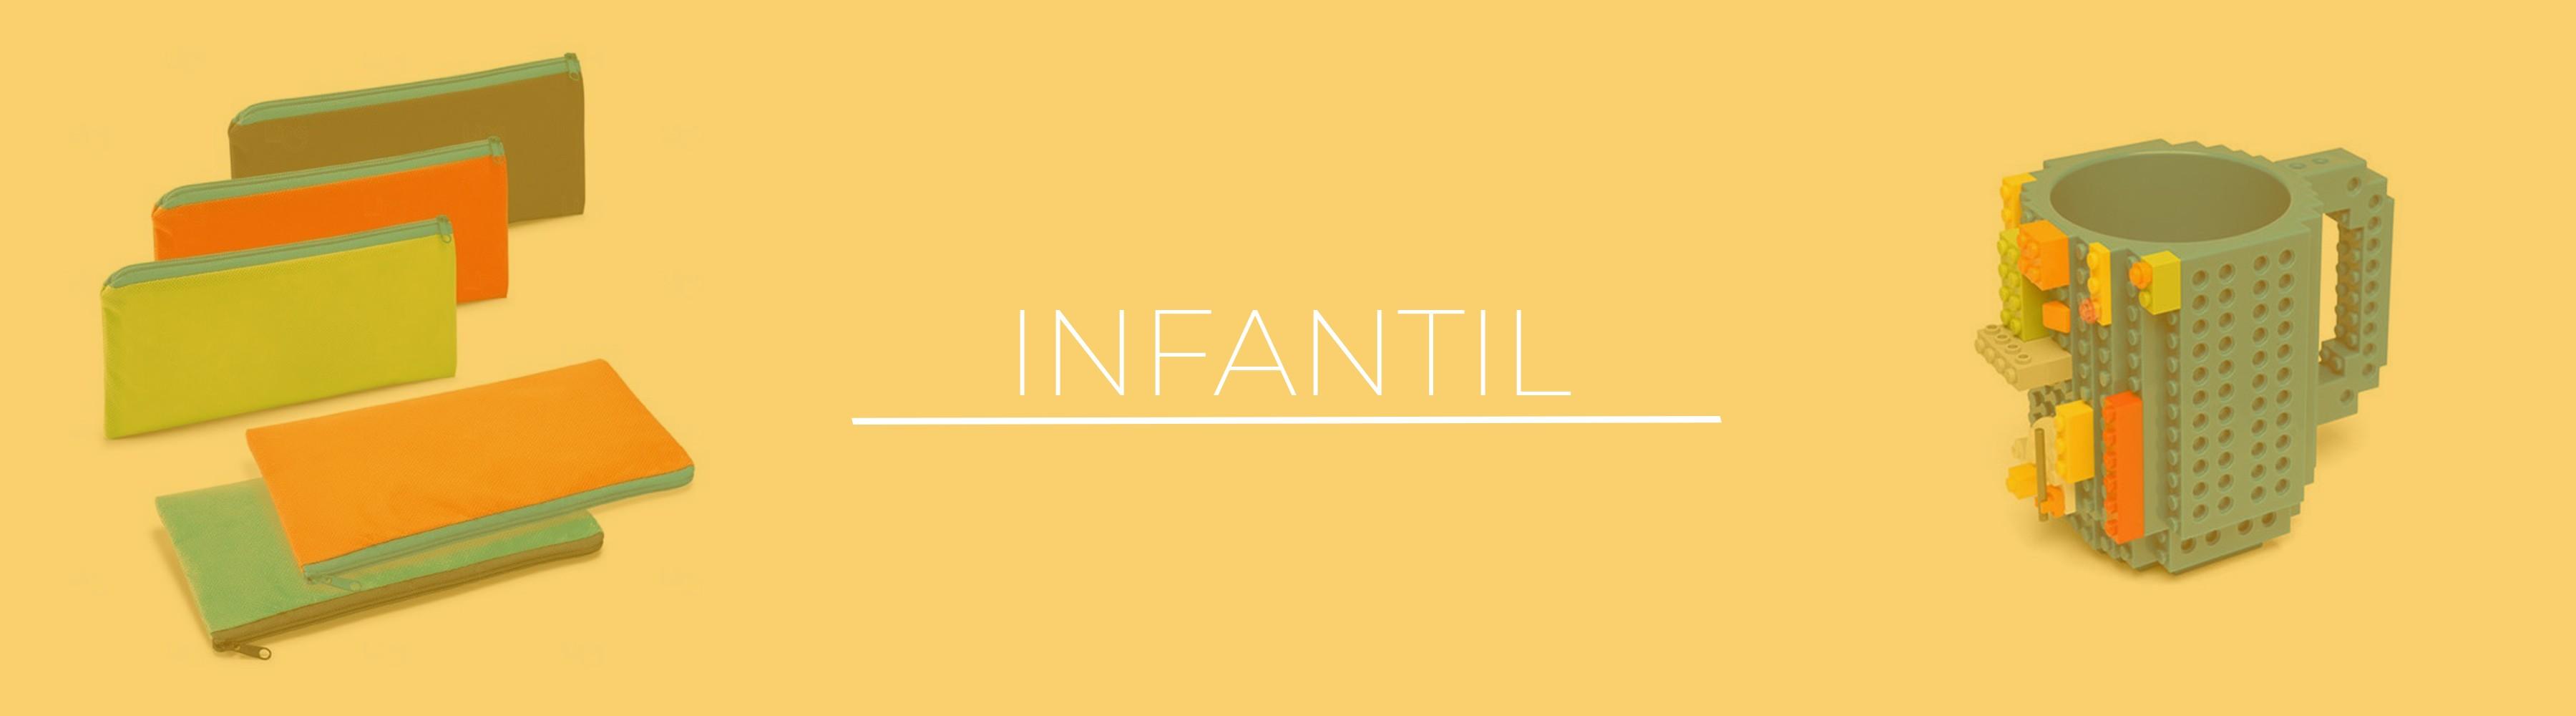 Banner Intantil